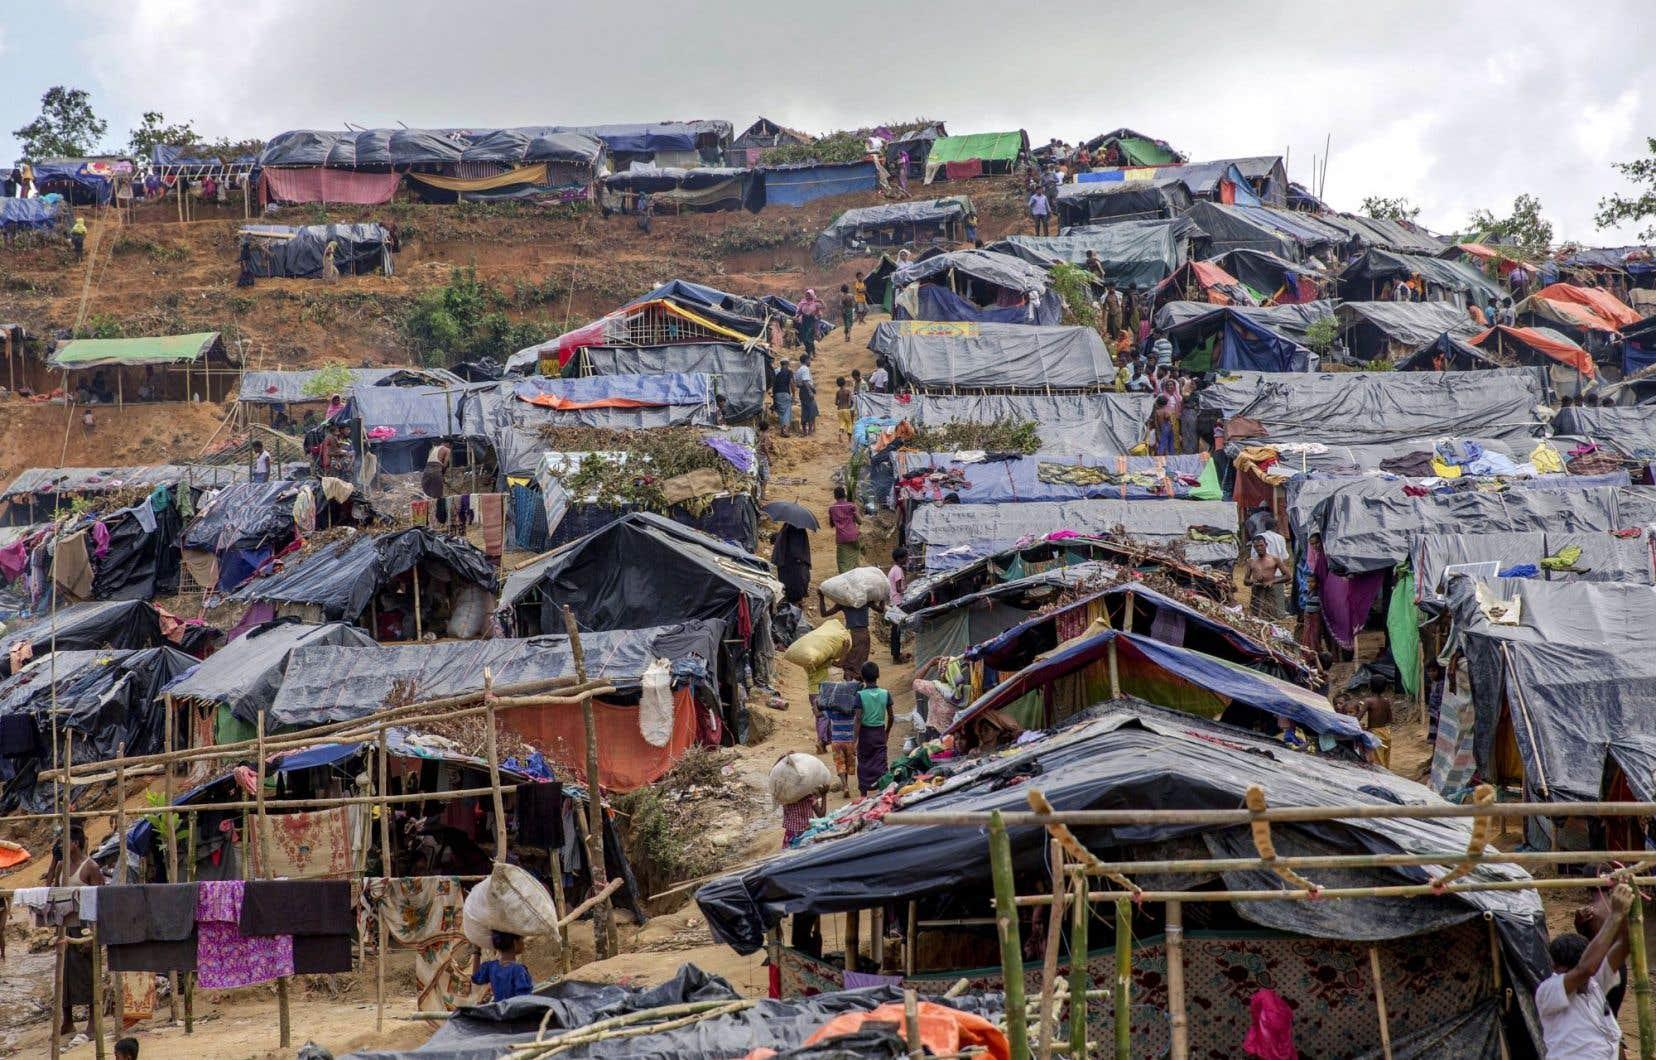 «Le terrain est vallonné, sujet aux glissements de terrain, et il n'y a pas de latrines. Quand on marche à travers le camp, on patauge dans l'eau sale et les déjections», décrit Kate White, de MSF.